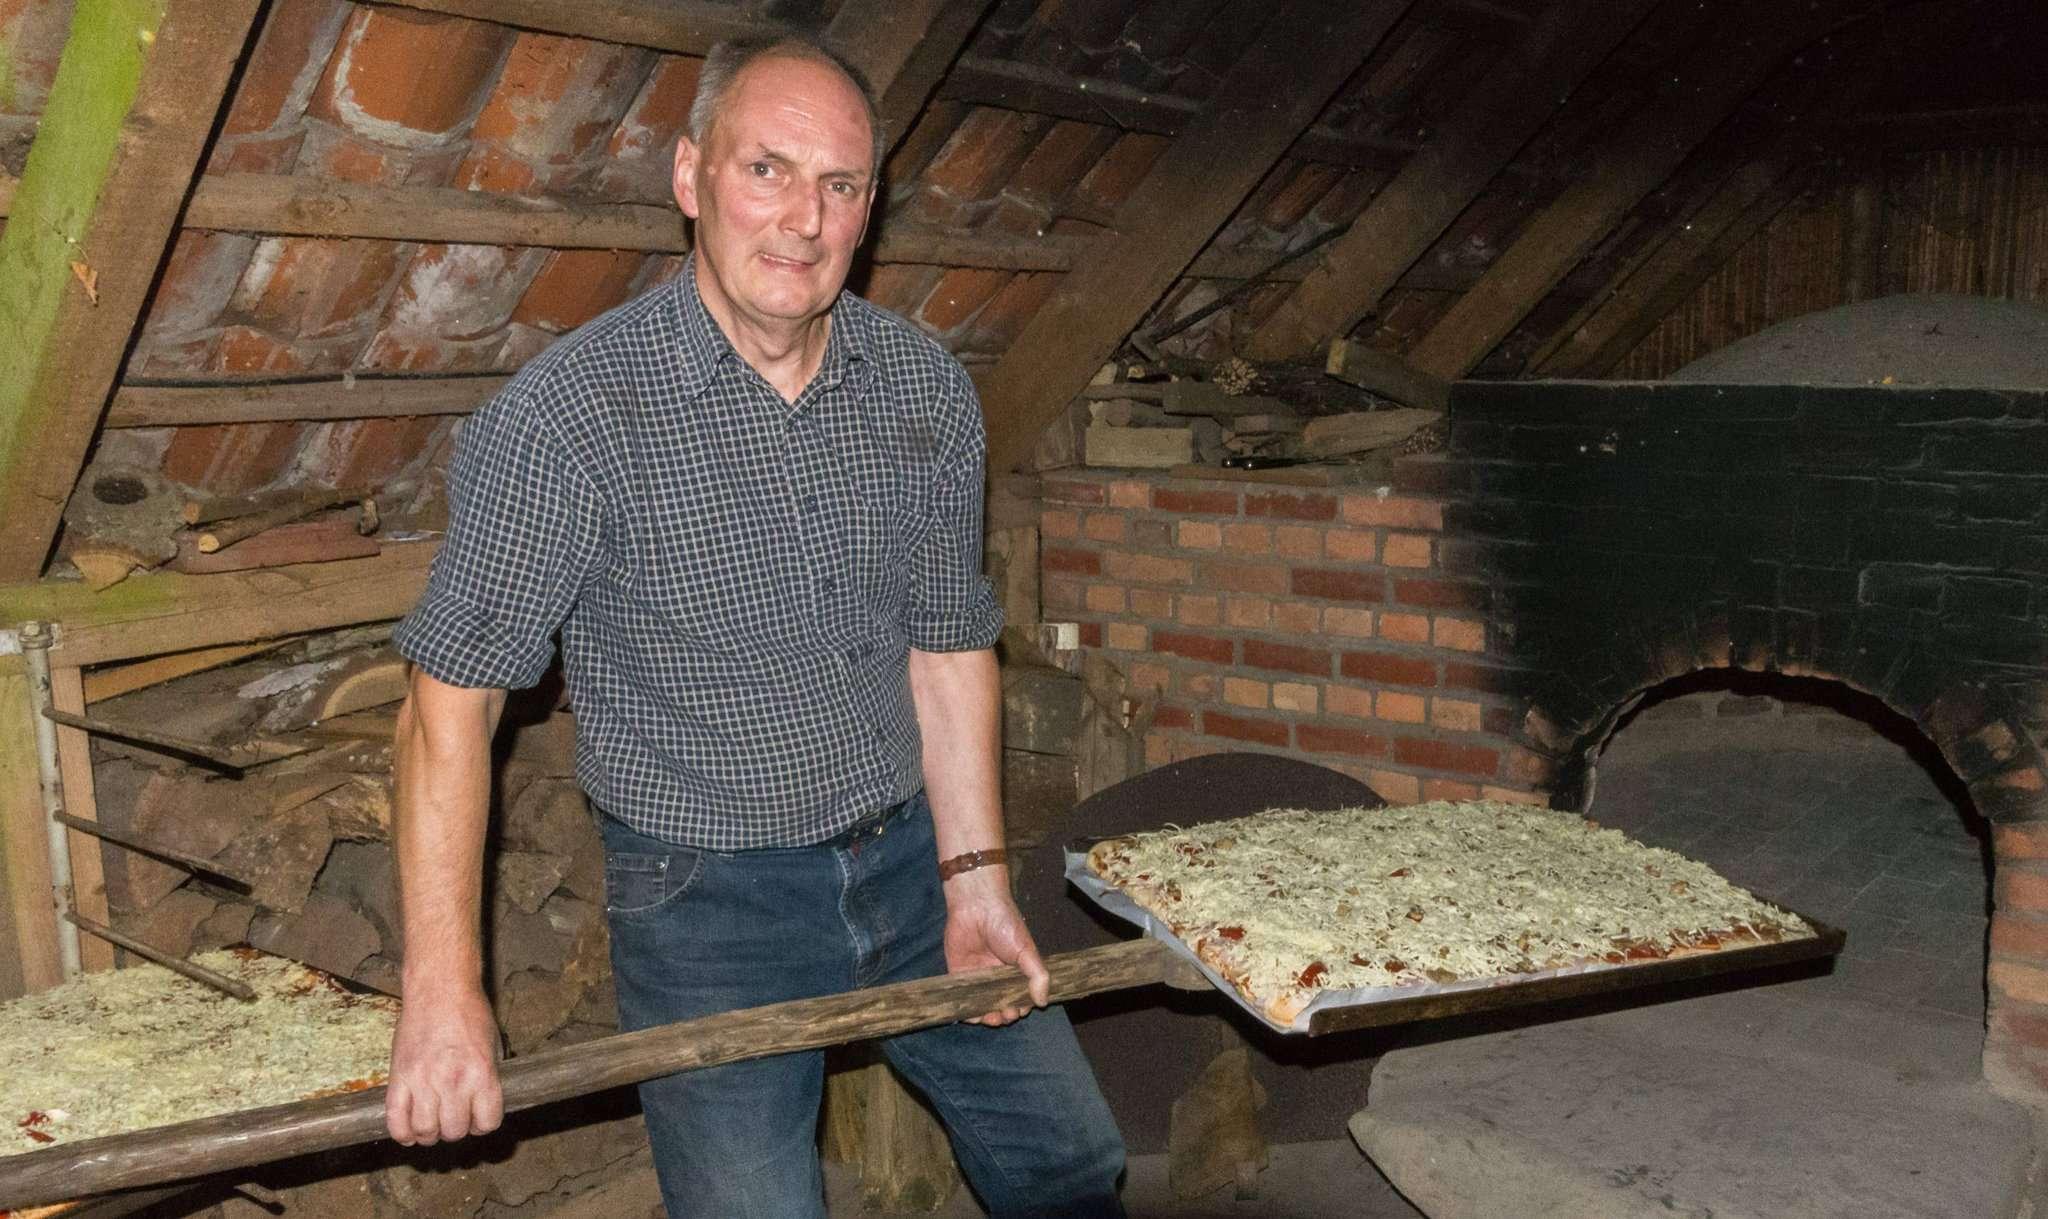 Gerhard Trochelmann hat den Ofen einige Stunden vorgeheizt, damit er die perfekte Temperatur zum Pizzabacken bekommt. Fotos: Klaus-Dieter Plage